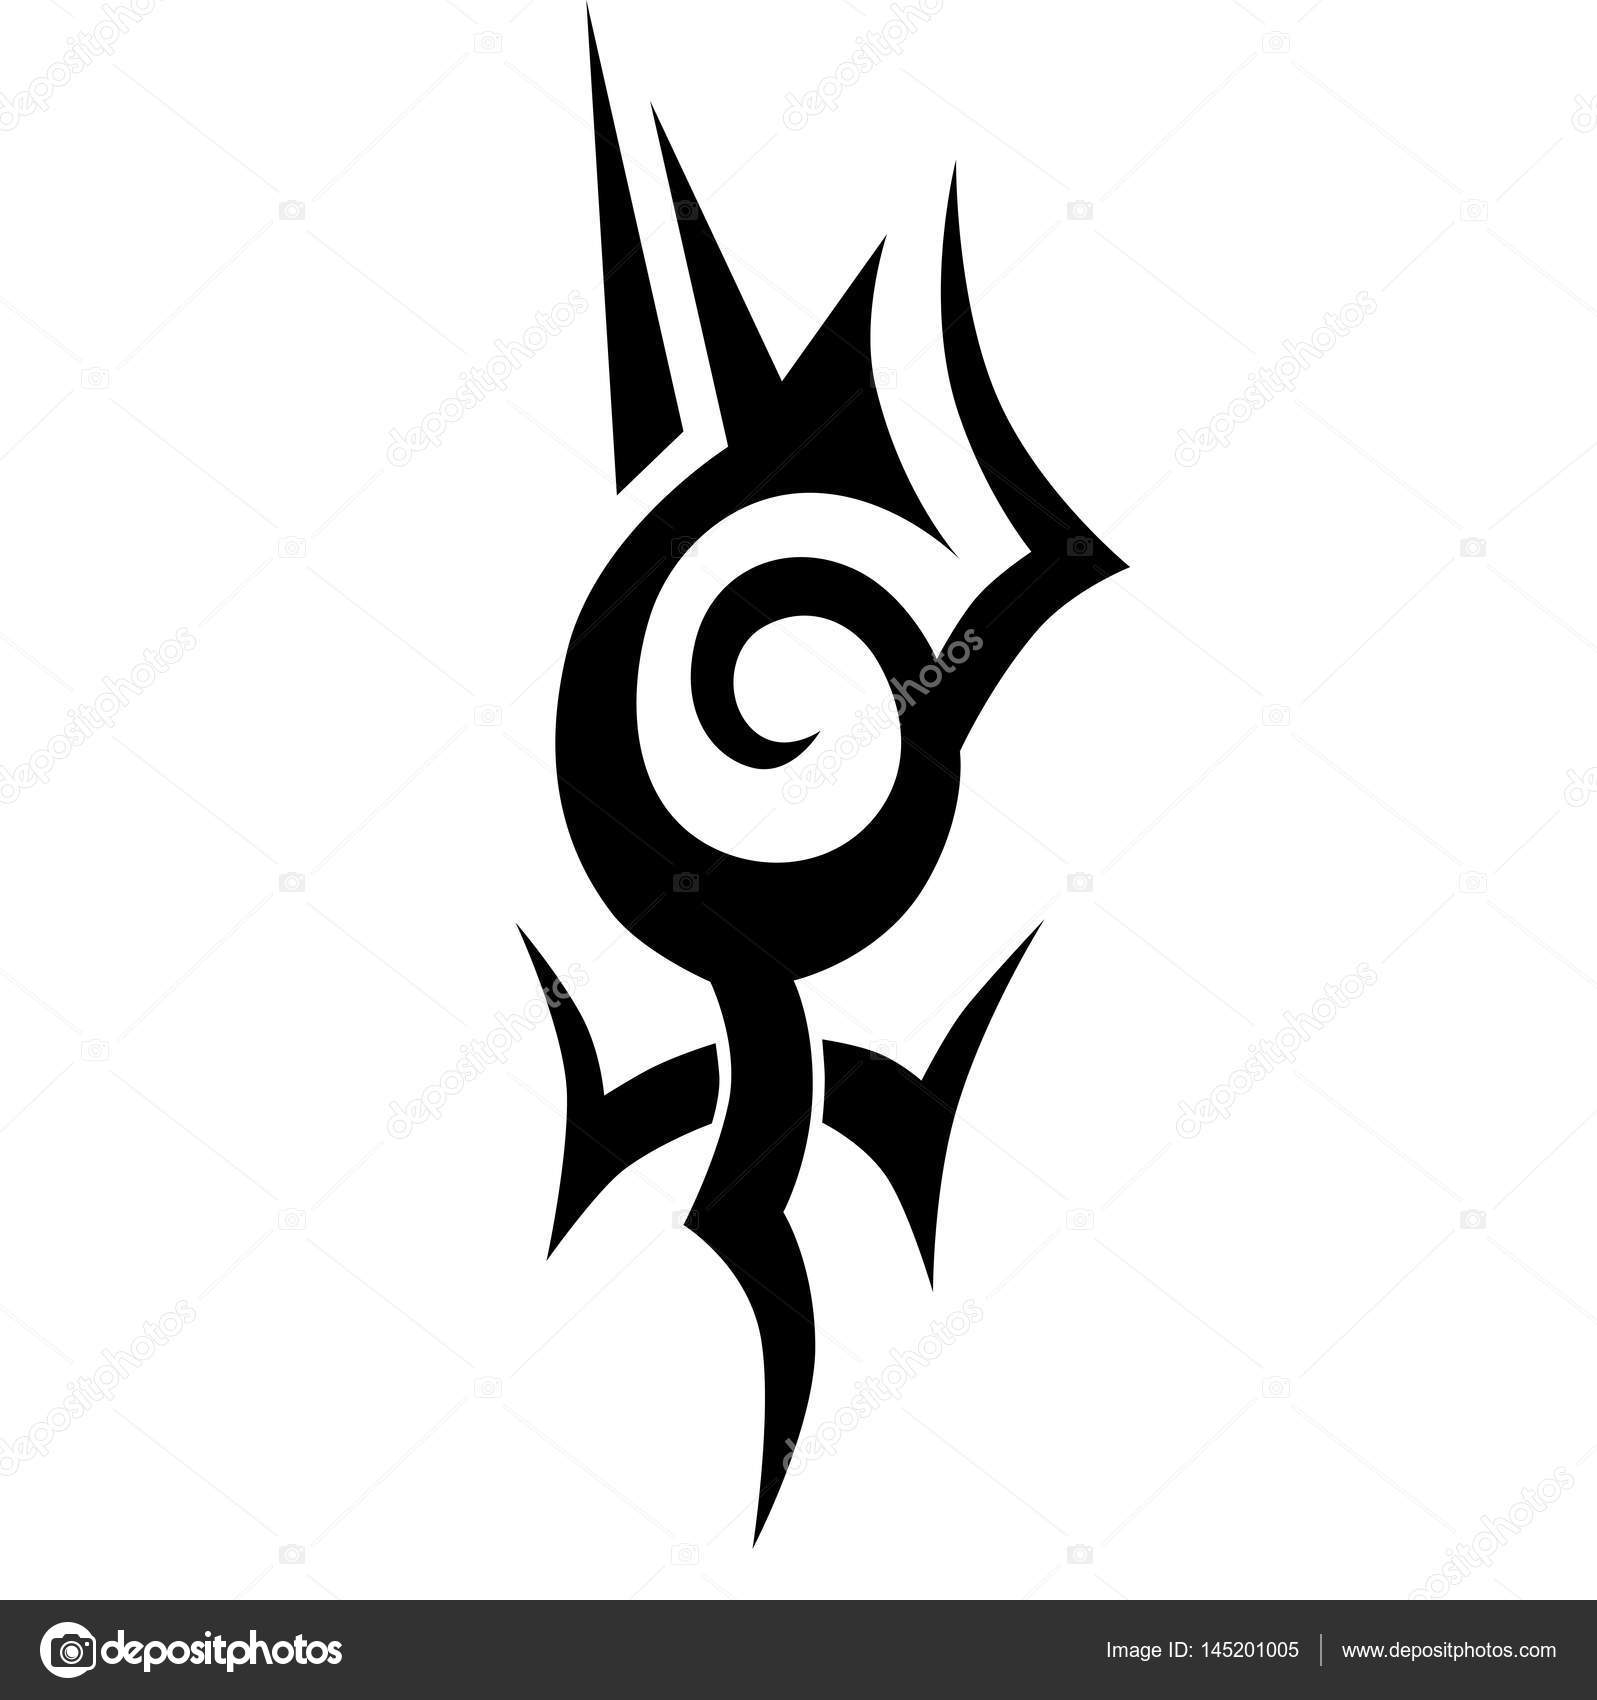 Dise os tribales tatuajes tribales tatuaje tribal del - Dibujos tribales para tatuar ...